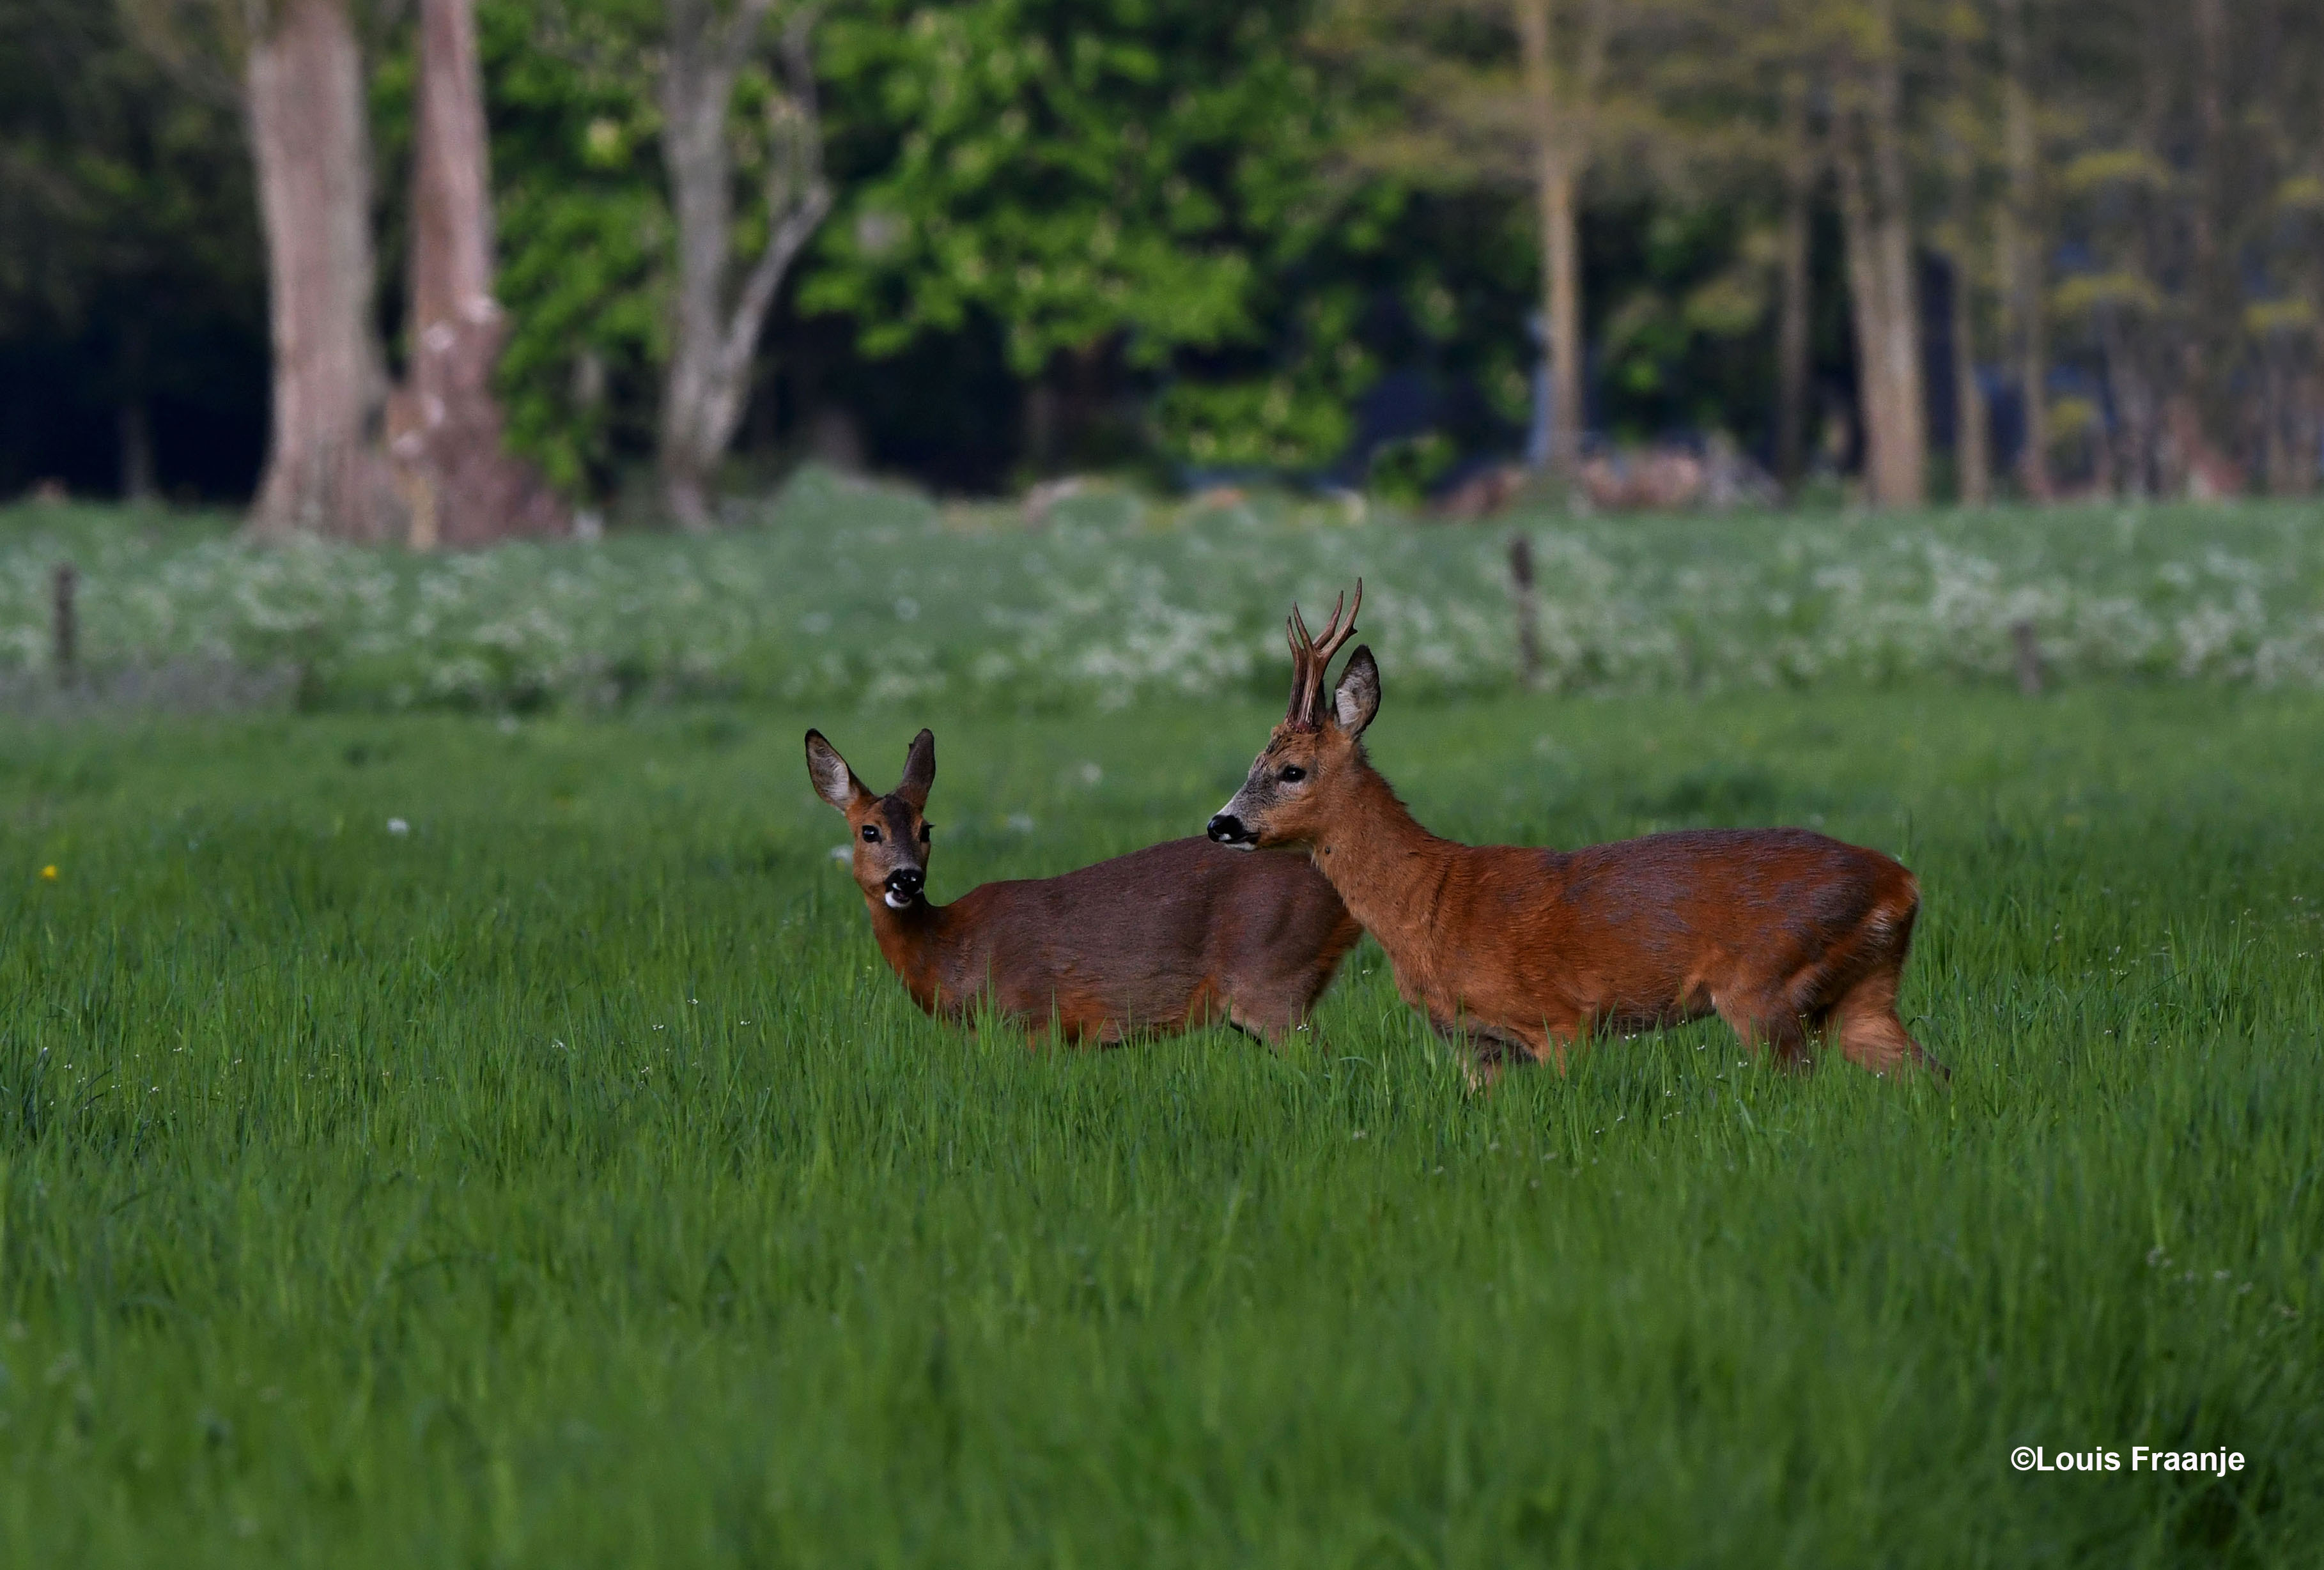 Het is een schitterend gezicht om dit tweetal zo samen in het hoge gras te zien staan - Foto: ©Louis Fraanje